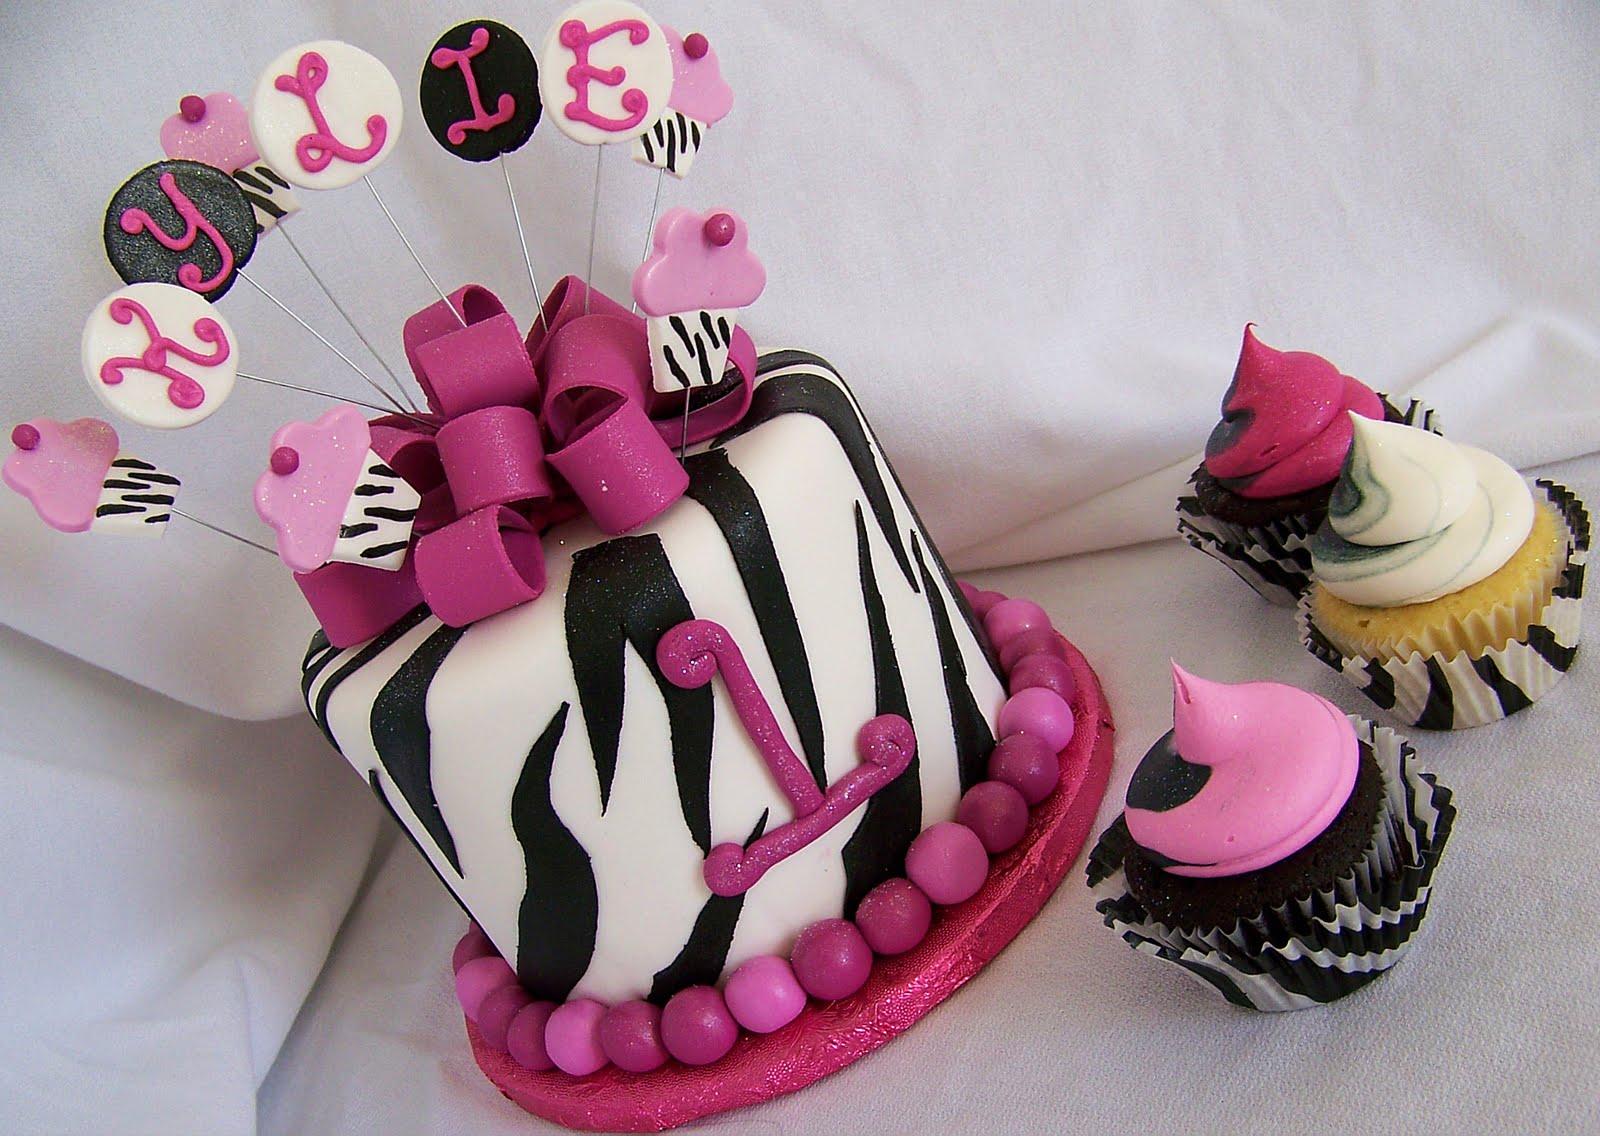 http://4.bp.blogspot.com/_Epanl4To2jA/TCk3qhiG13I/AAAAAAAAAOE/45yJWqQk_hI/s1600/Zebrastripes.jpg